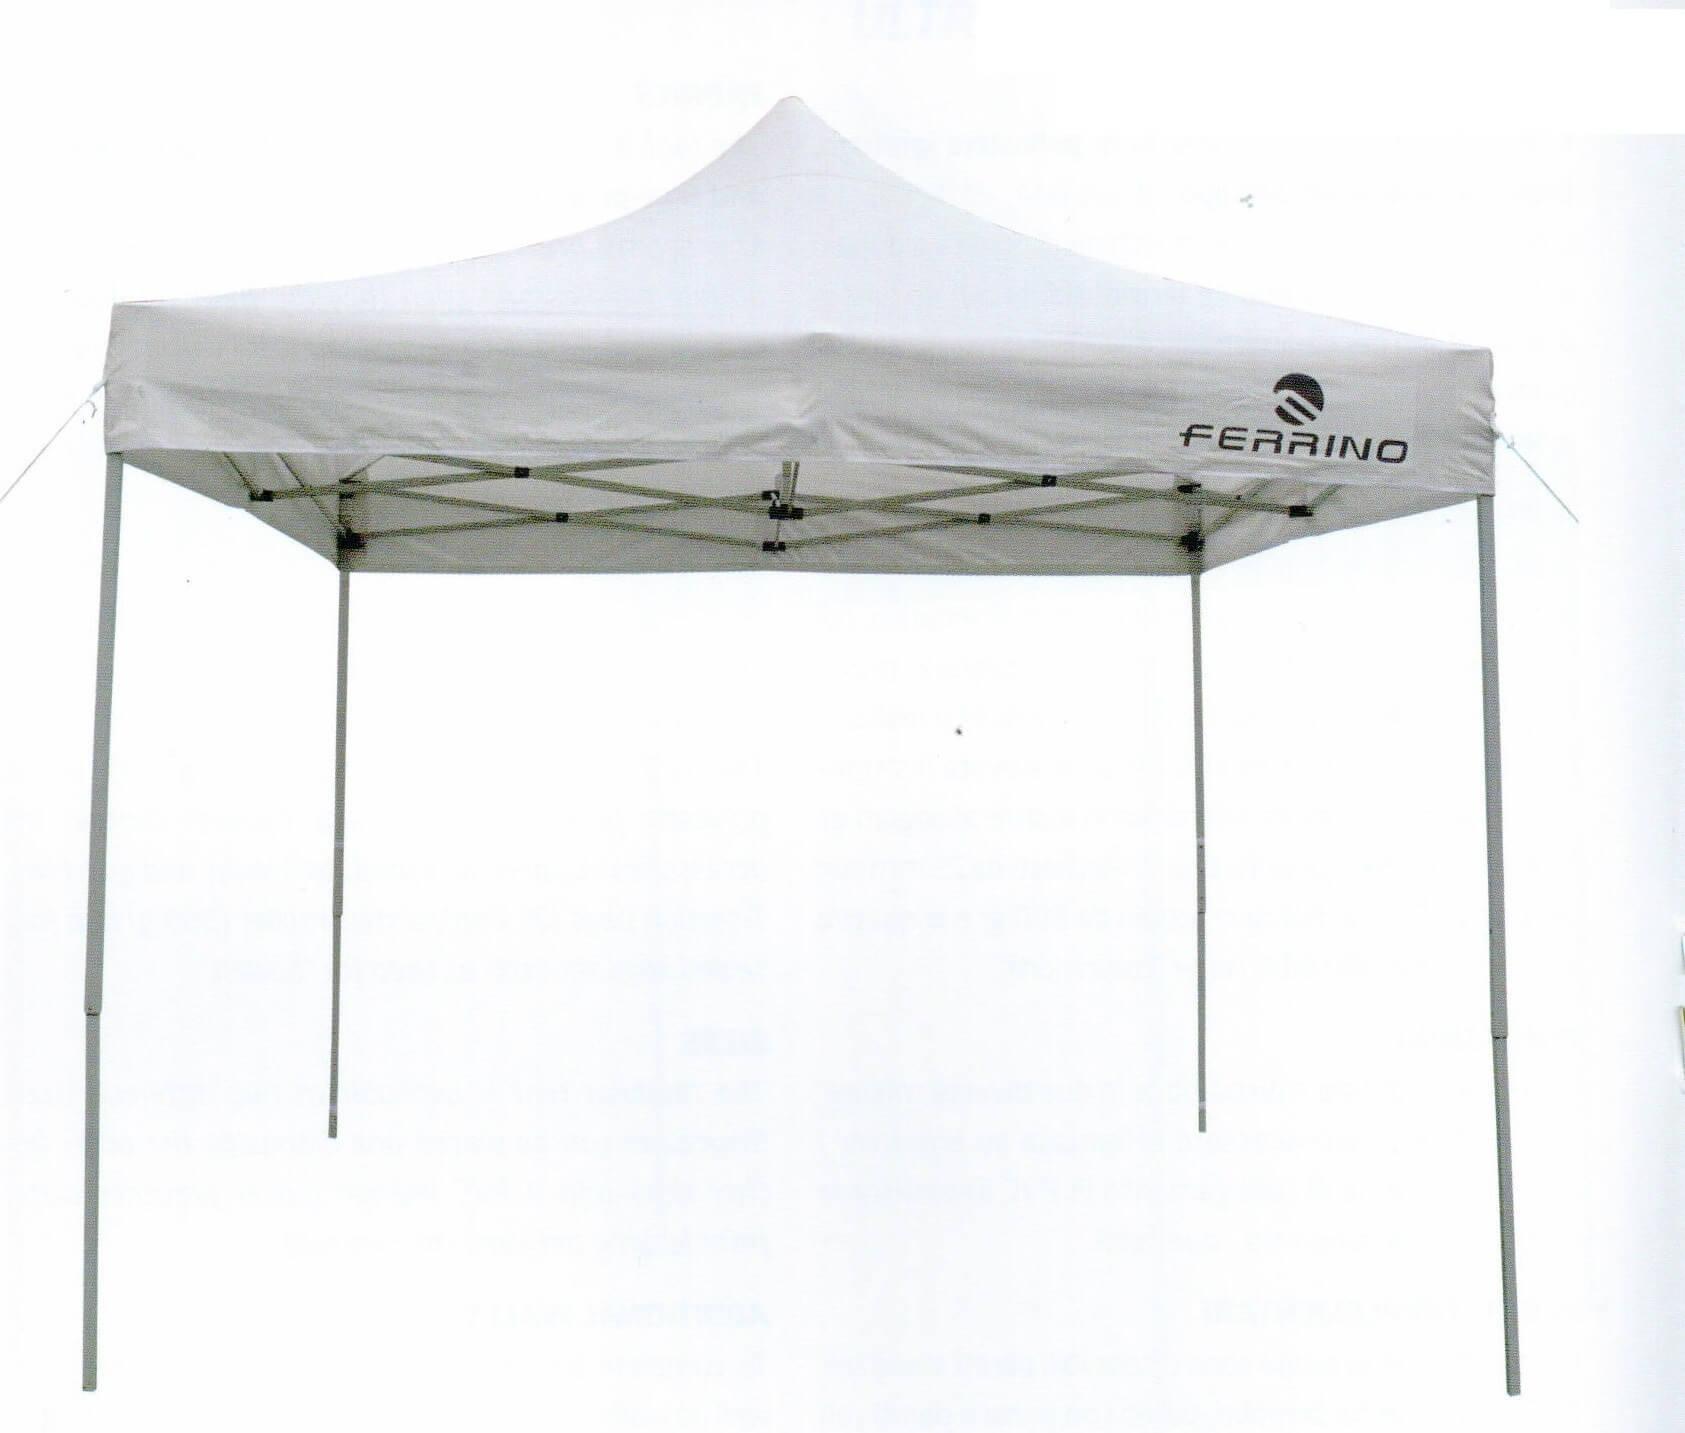 Gazebo Automatico Ferrino Mv Camping Tutto Per Il Campeggio